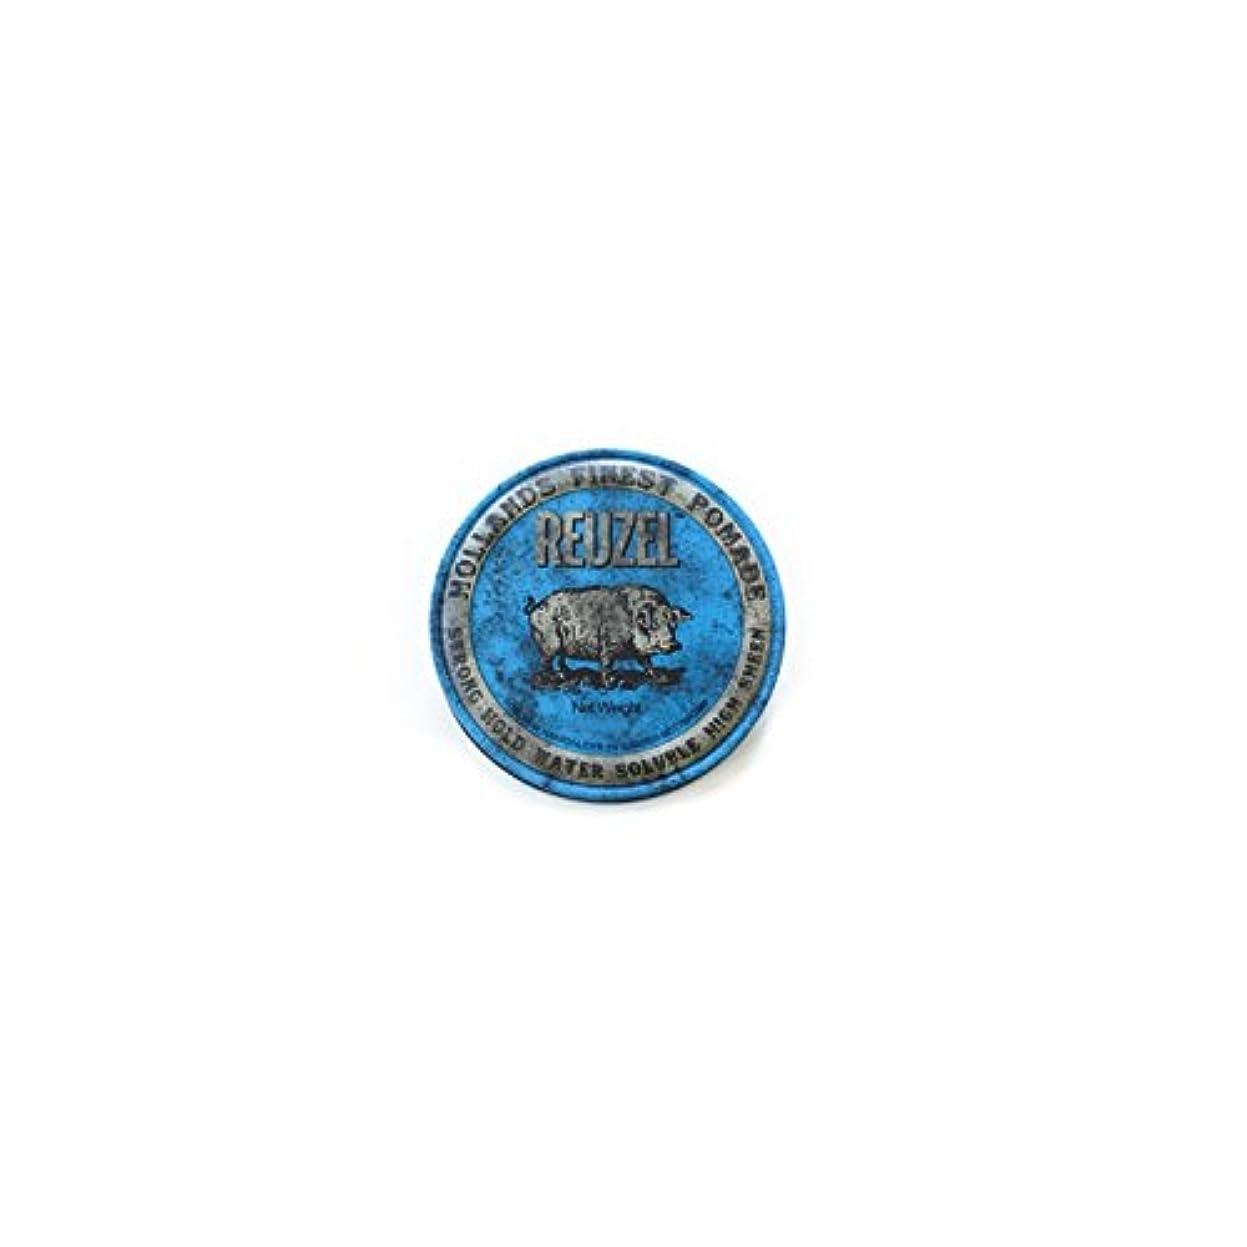 起業家リー議会REUZEL ルーゾーストロングホールドポマード  1.3oz.-35g 【青】35g <水溶性: ストロングホールド>